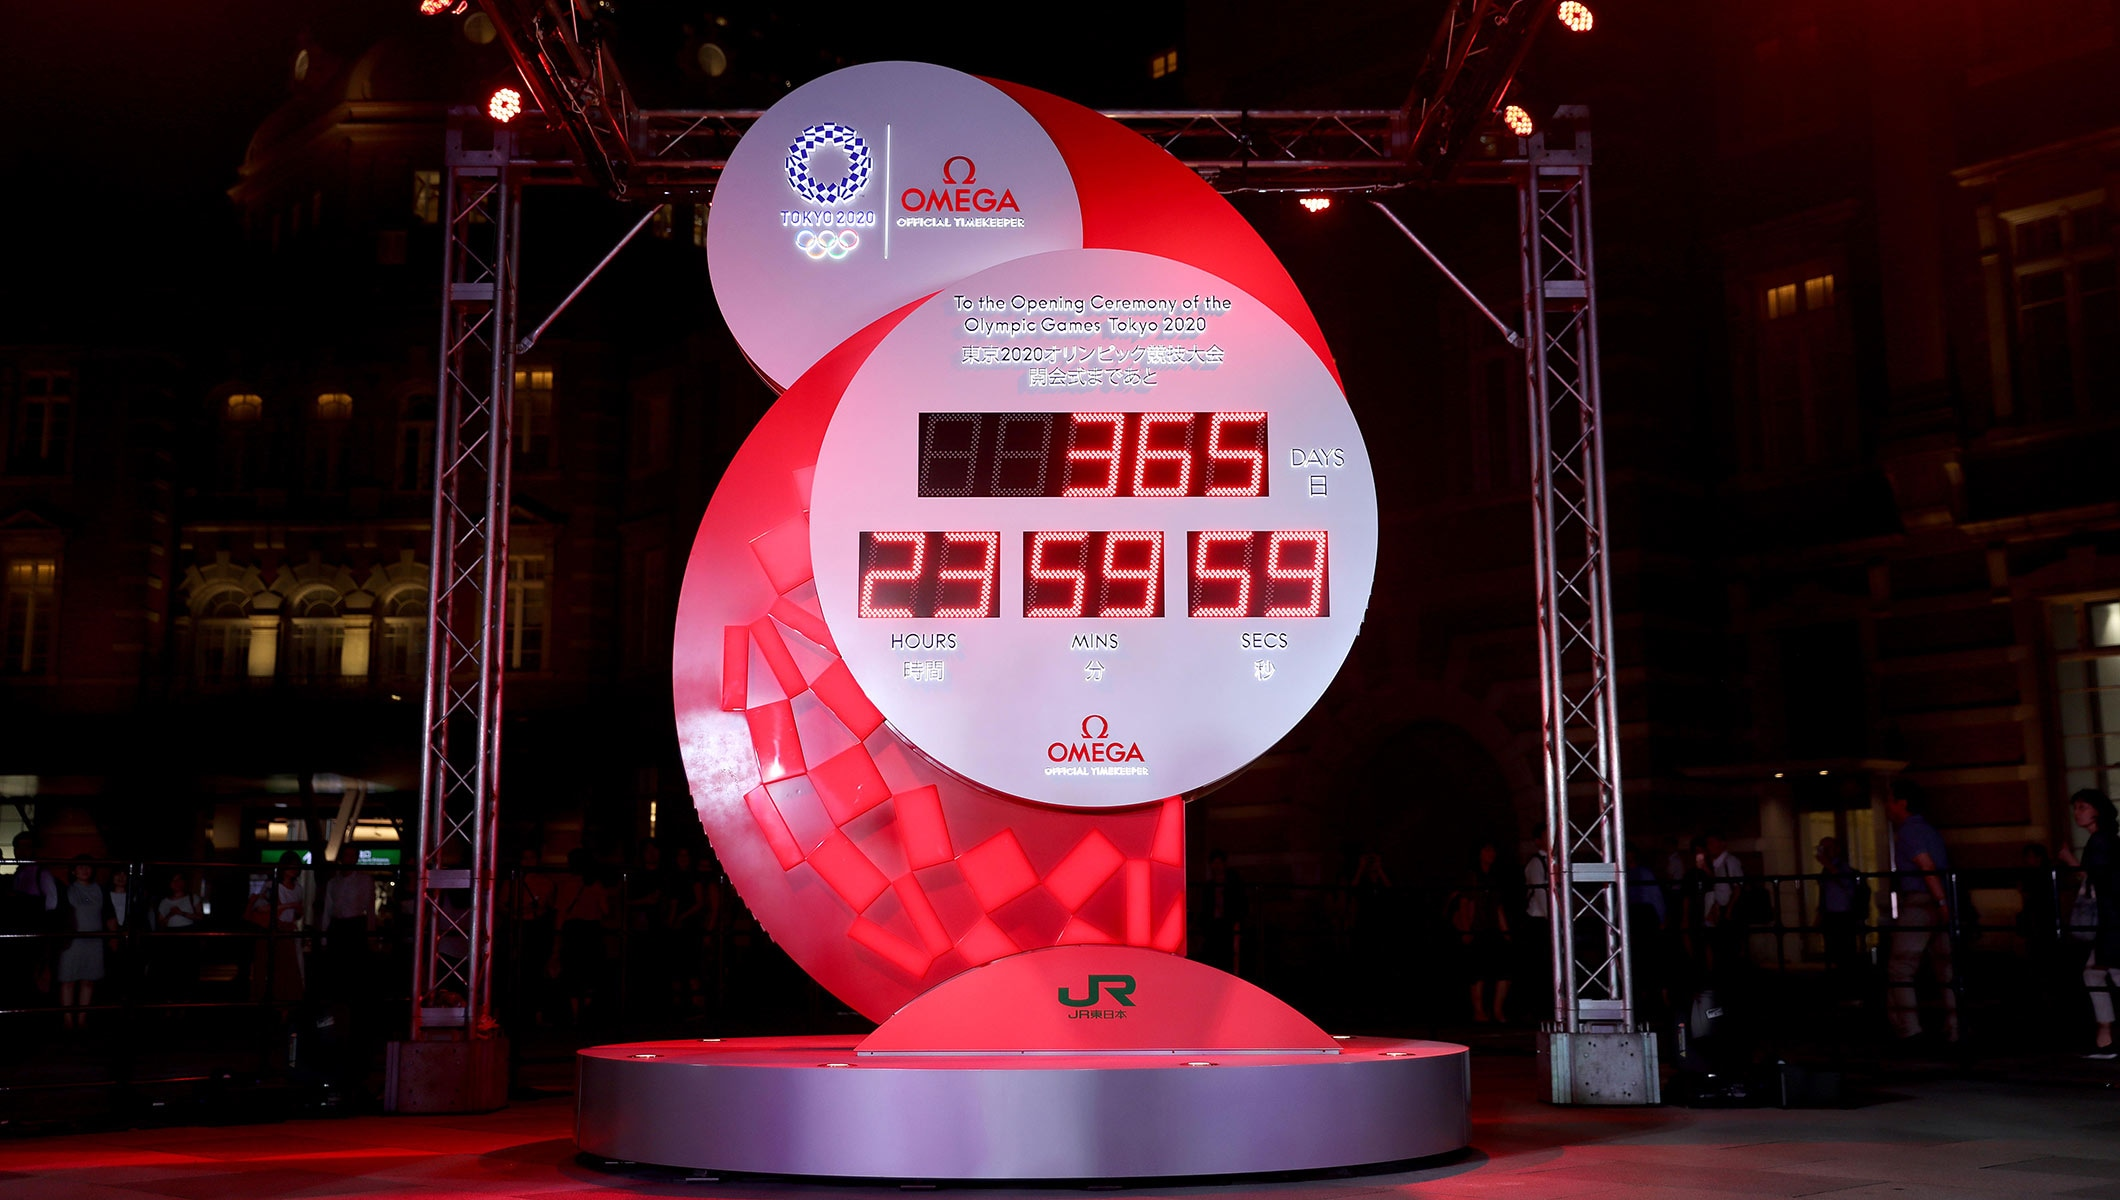 OMEGA, chronométreur officiel des Jeux Olympiques, et Tokyo 2020 dévoilent l'horloge du compte à rebours final